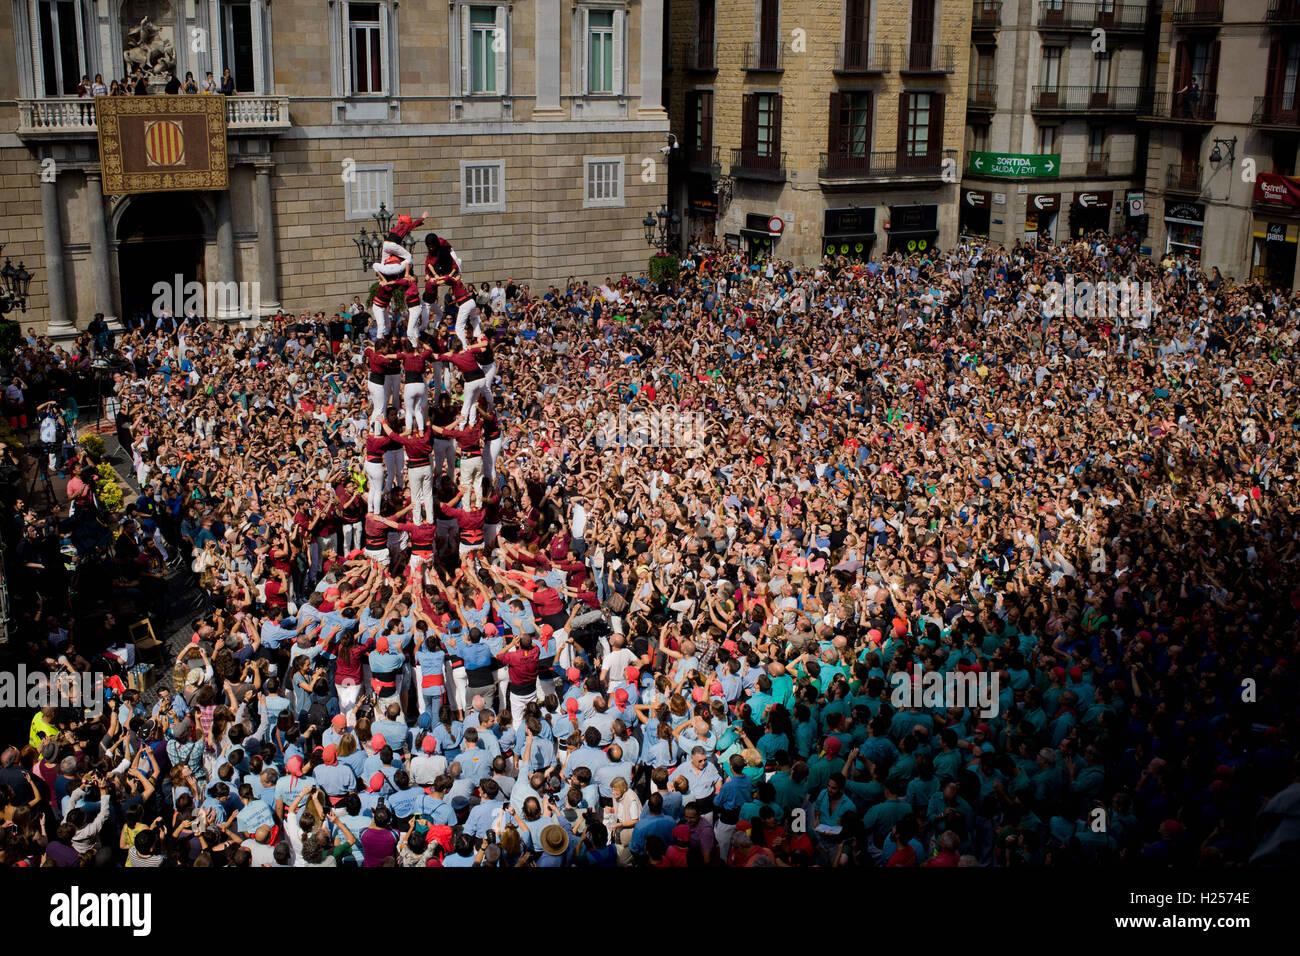 Barcelona, Katalonien, Spanien. 24. Sep, 2016. Ein menschliche Turm (Castell auf Katalanisch) ist in Barcelona gebaut. Für die Merce Festival (Festes De La Merce) traditionelle Jornada Castellera (menschliche Türme Tag) in der Rathaus-Platz in Barcelona stattgefunden hat. Bildnachweis: Jordi Boixareu/ZUMA Draht/Alamy Live-Nachrichten Stockfoto